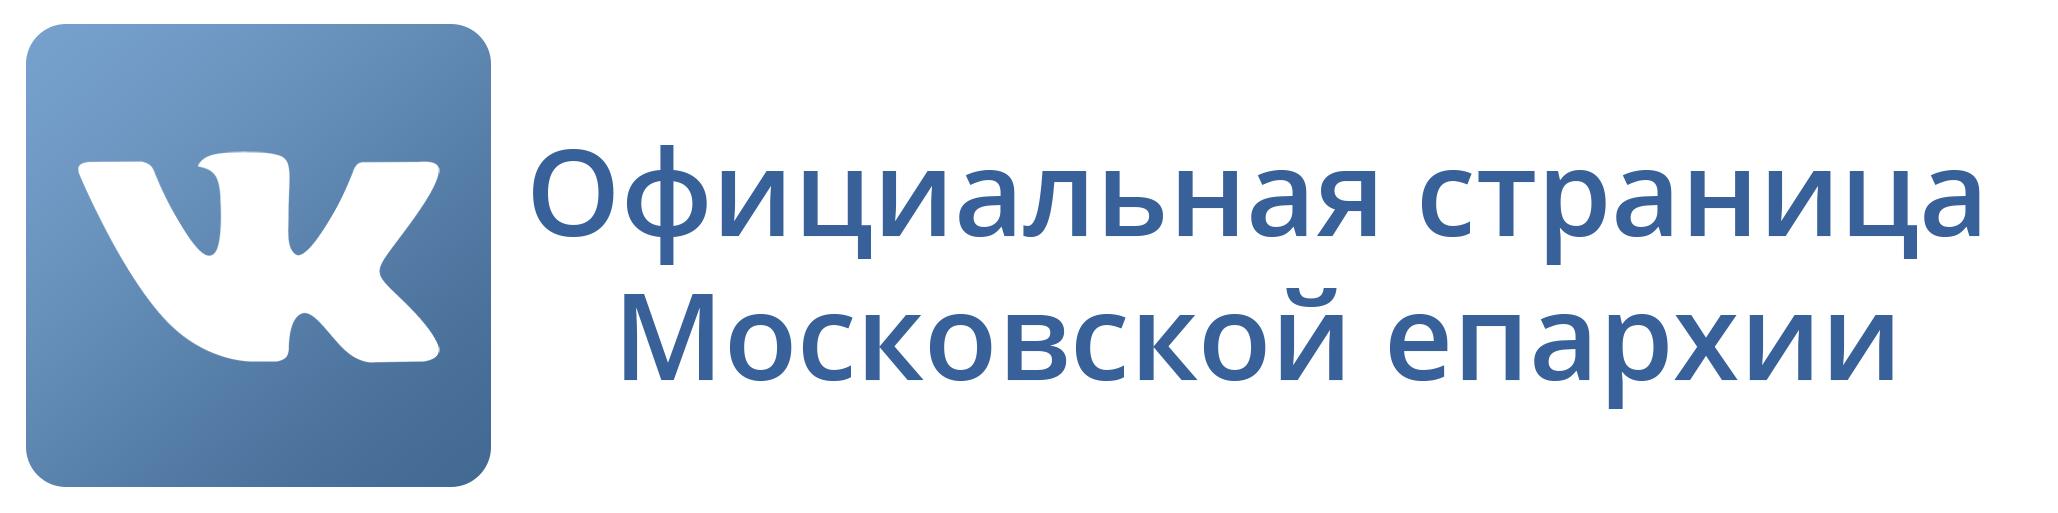 Официальная страница Московской епархии в ВКонтакте